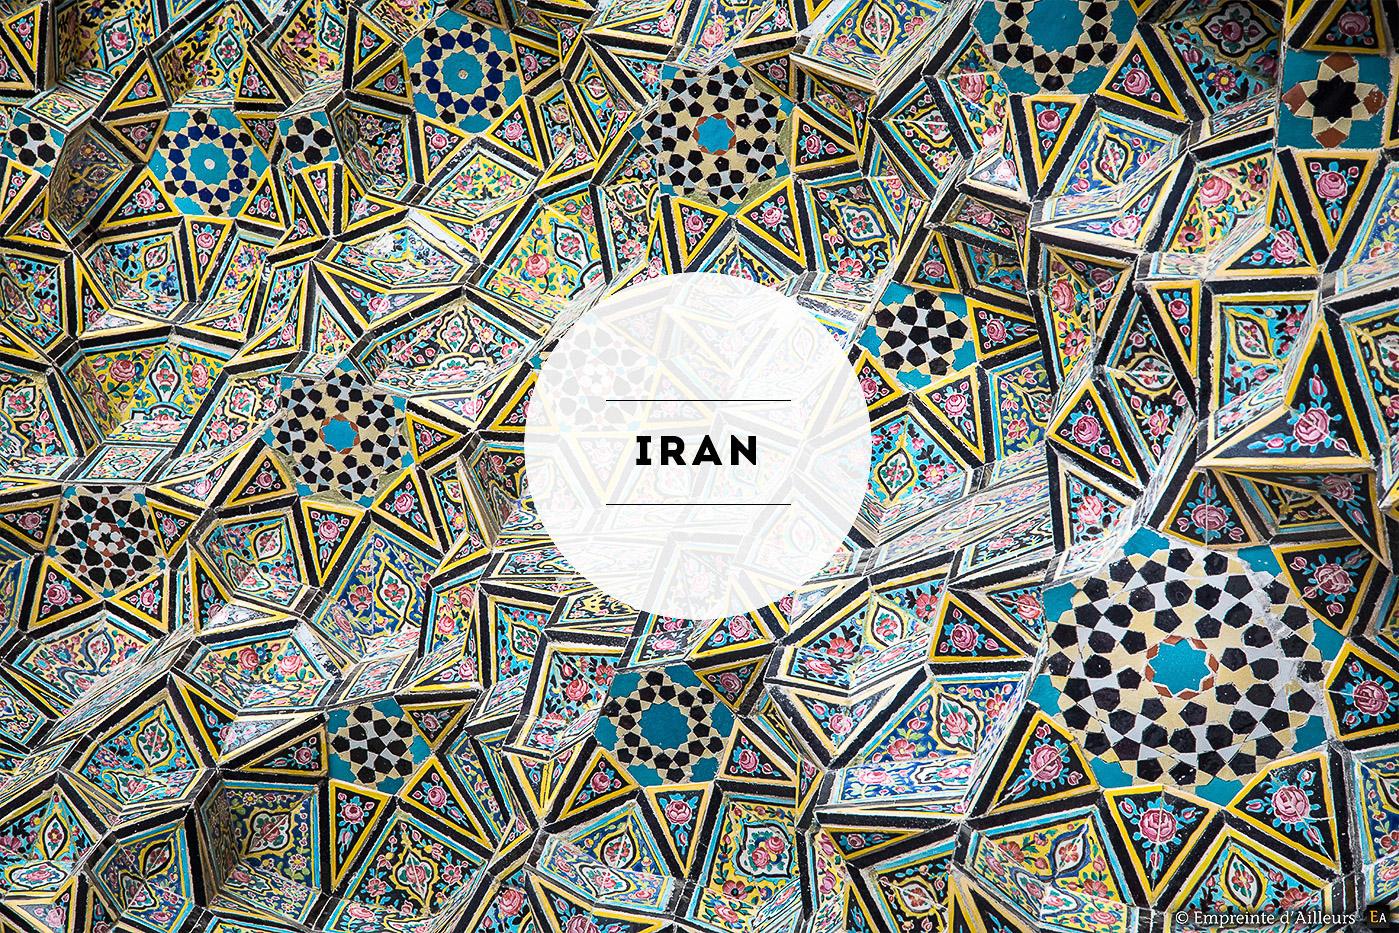 Carreaux et détail d'une voute de la Mosquée Rose de Chiraz